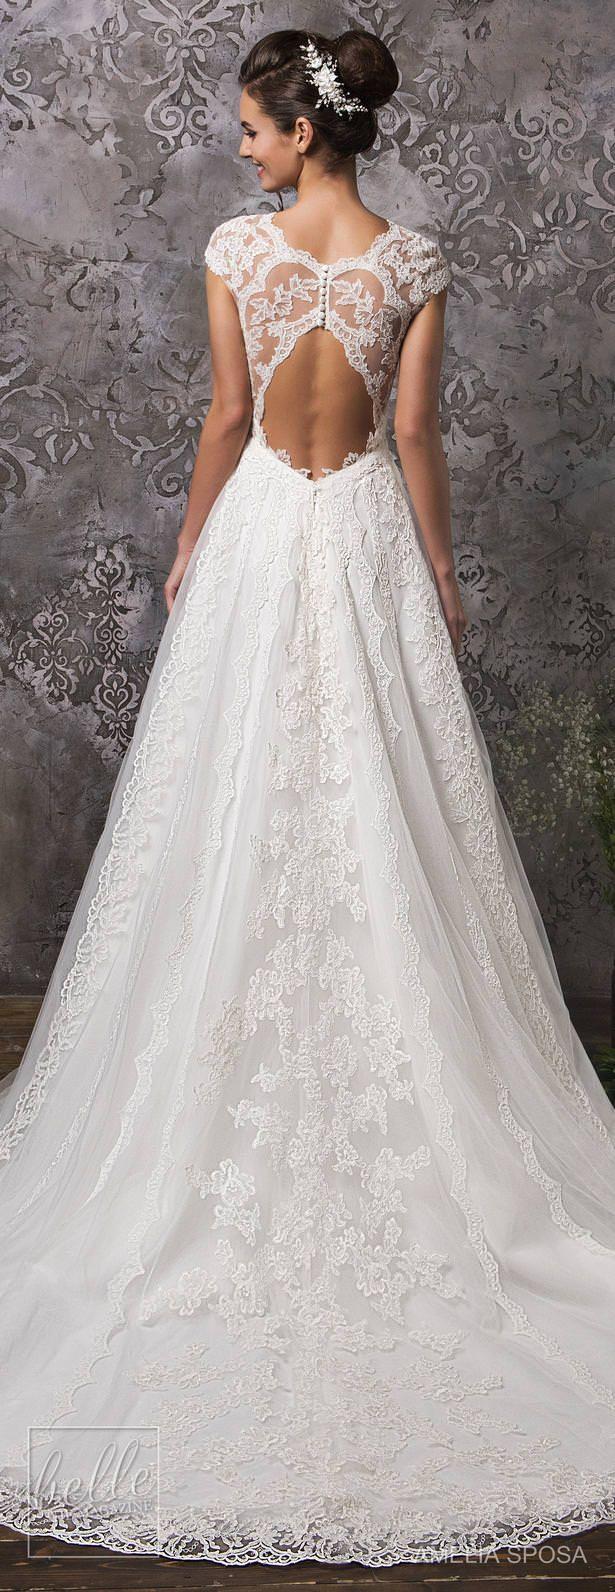 Amelia sposa wedding dress collection fall de novia